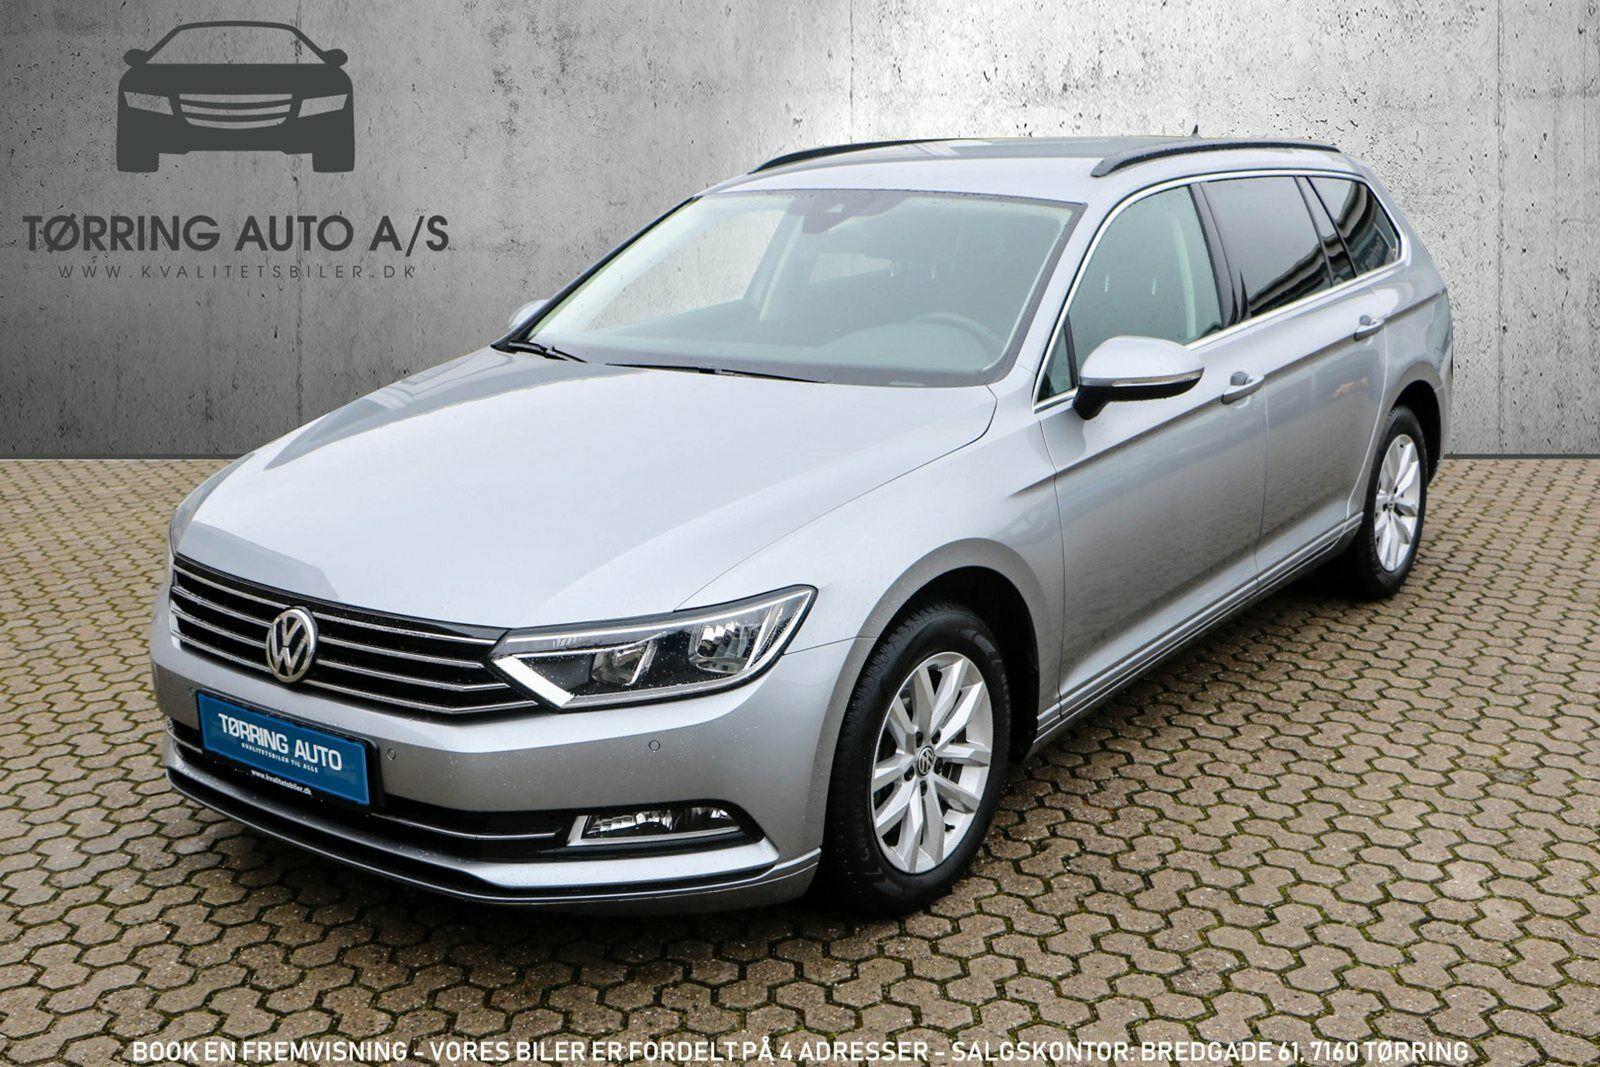 VW Passat 2,0 TDi 150 Comfort. Prem Vari DSG 5d - 339.900 kr.